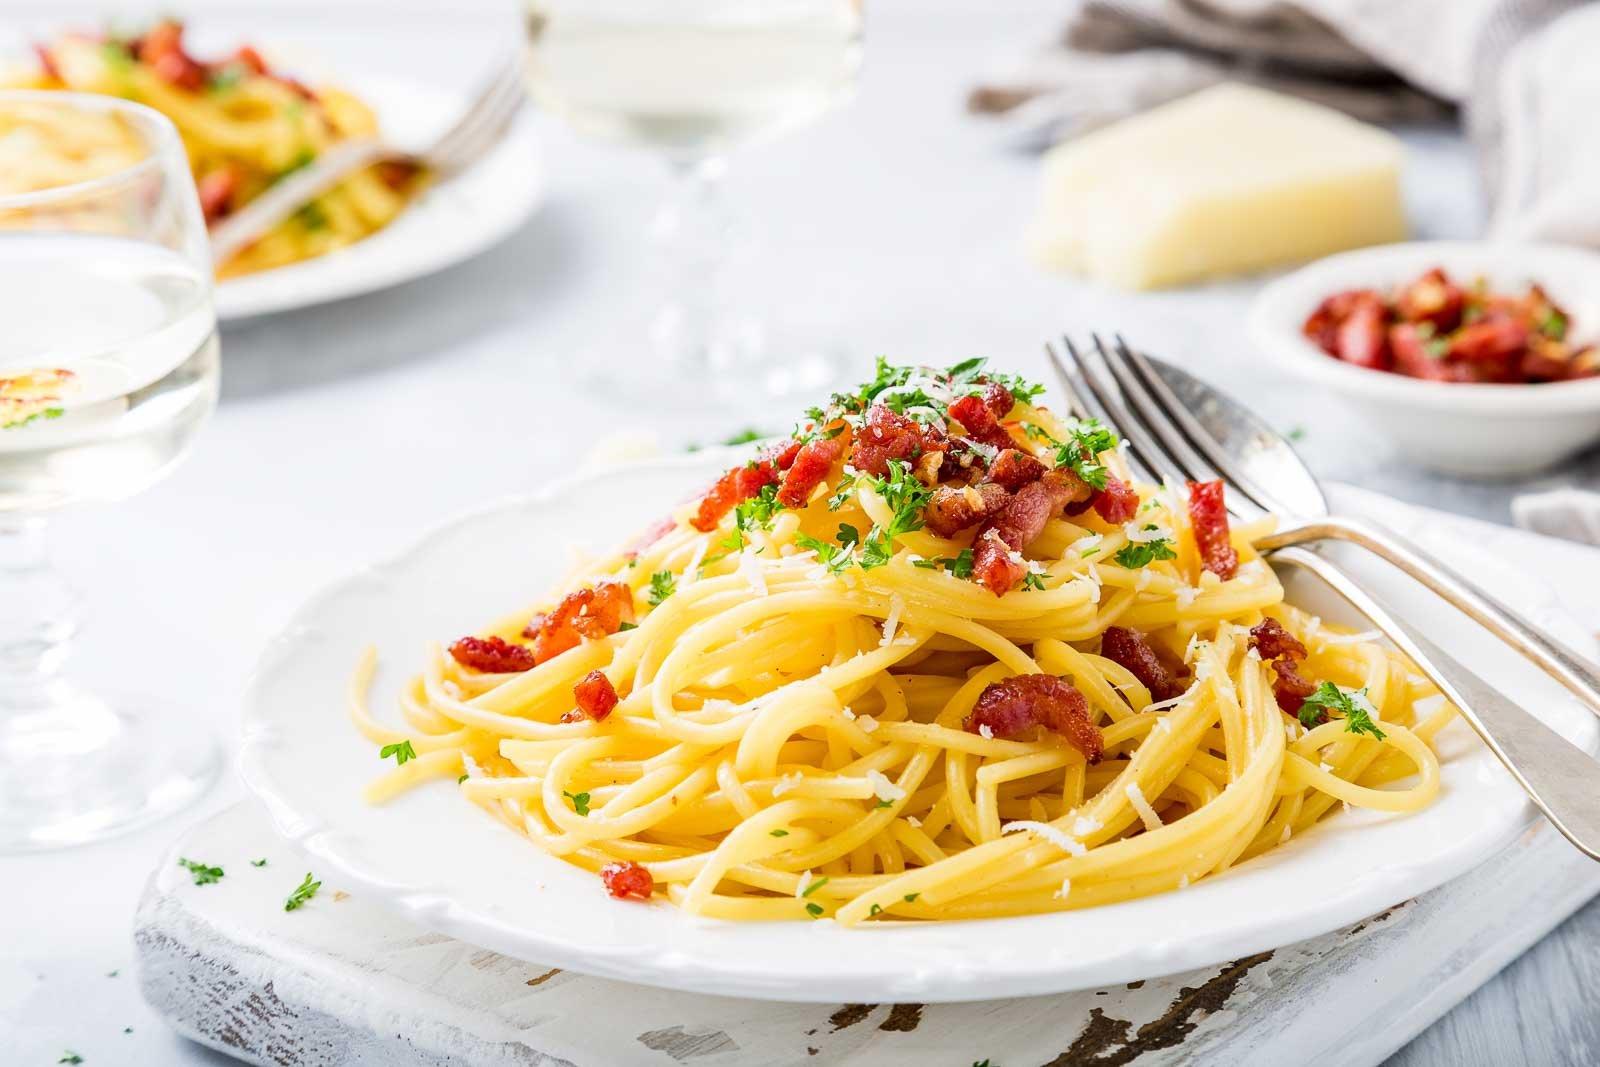 Spaghetti Aglio Olio Pasta Recipe With Bacon By Archana S Kitchen